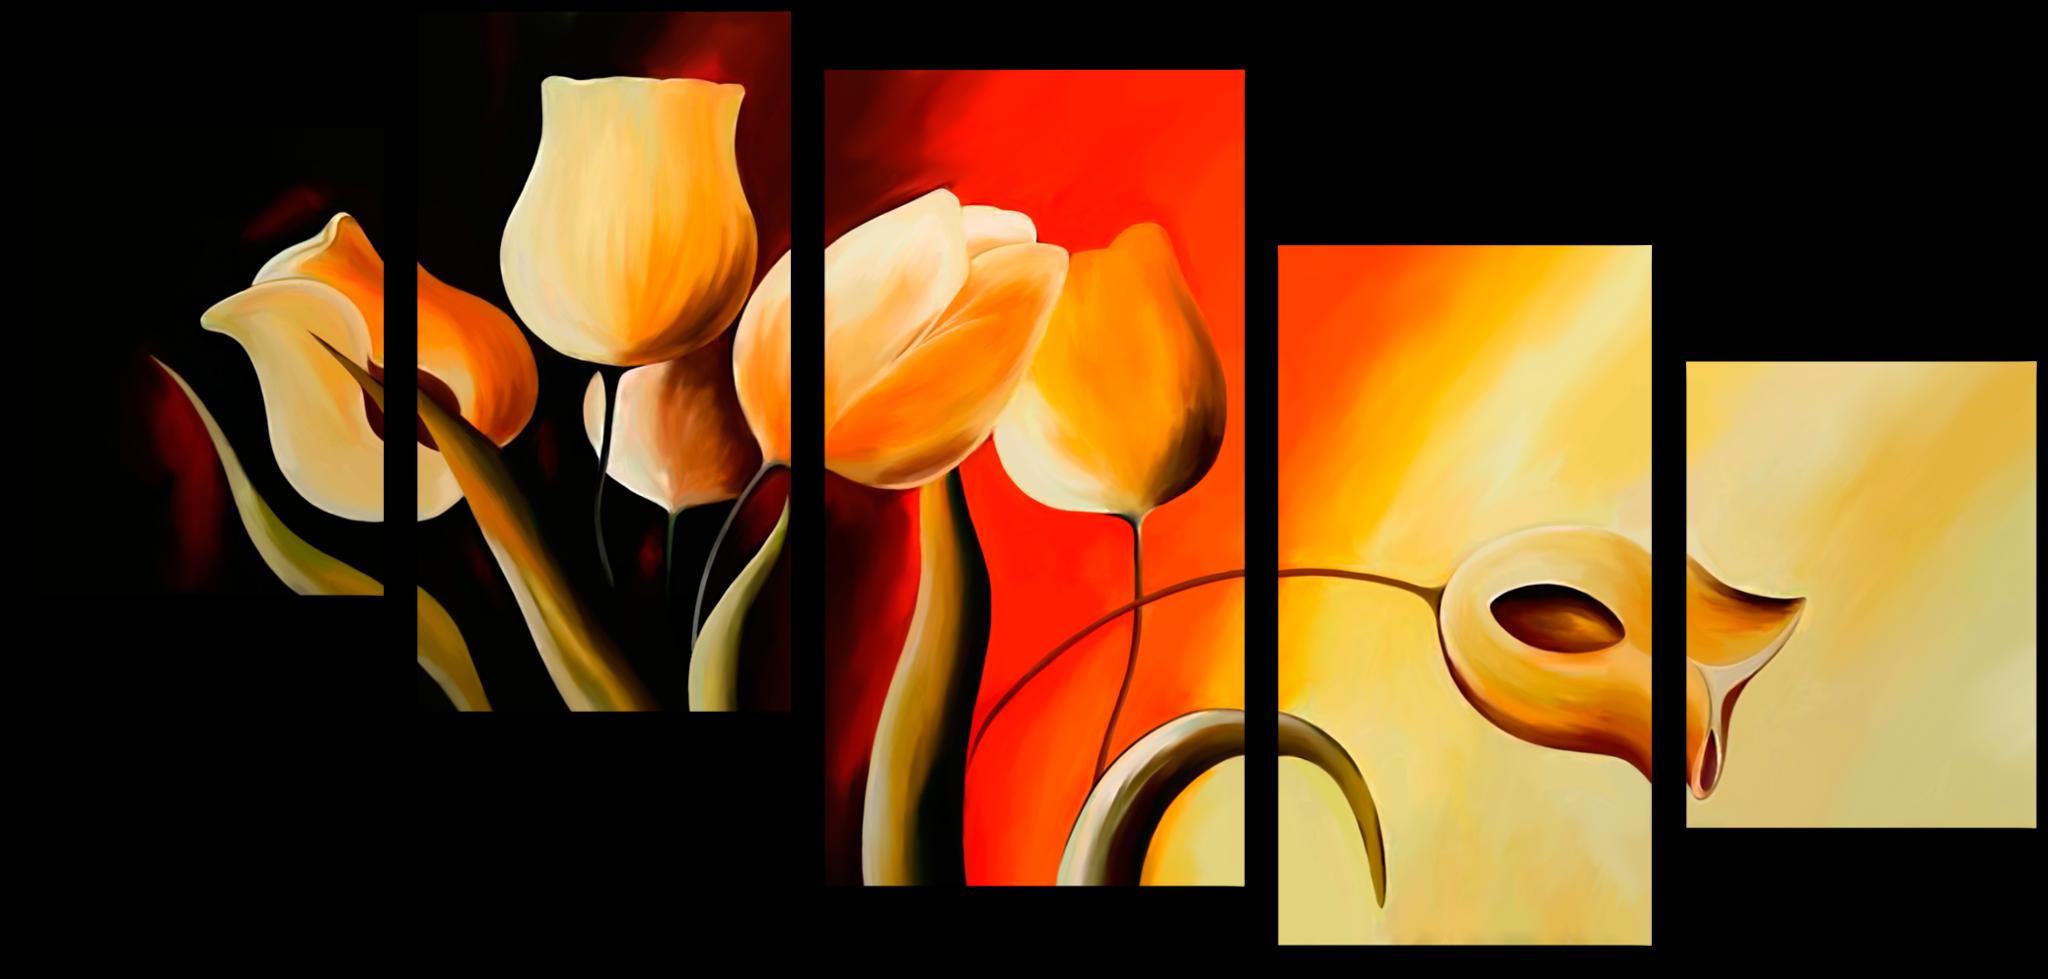 """Модульные картины Модульная картина """"Огненный тюльпан"""" М125.png"""